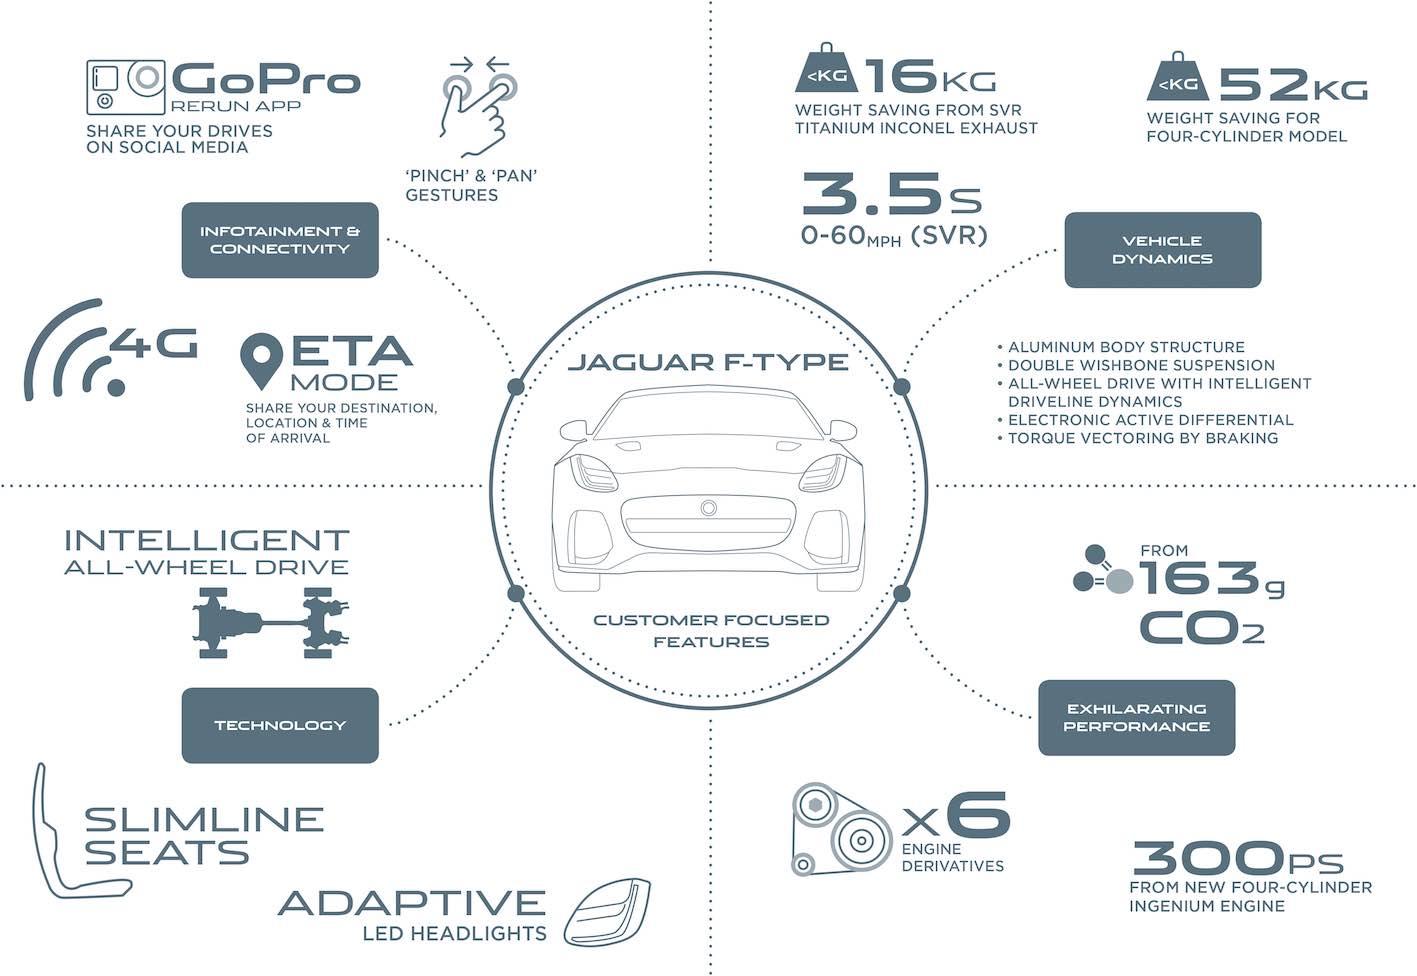 Jaguar F-Type Vierzylinder 4